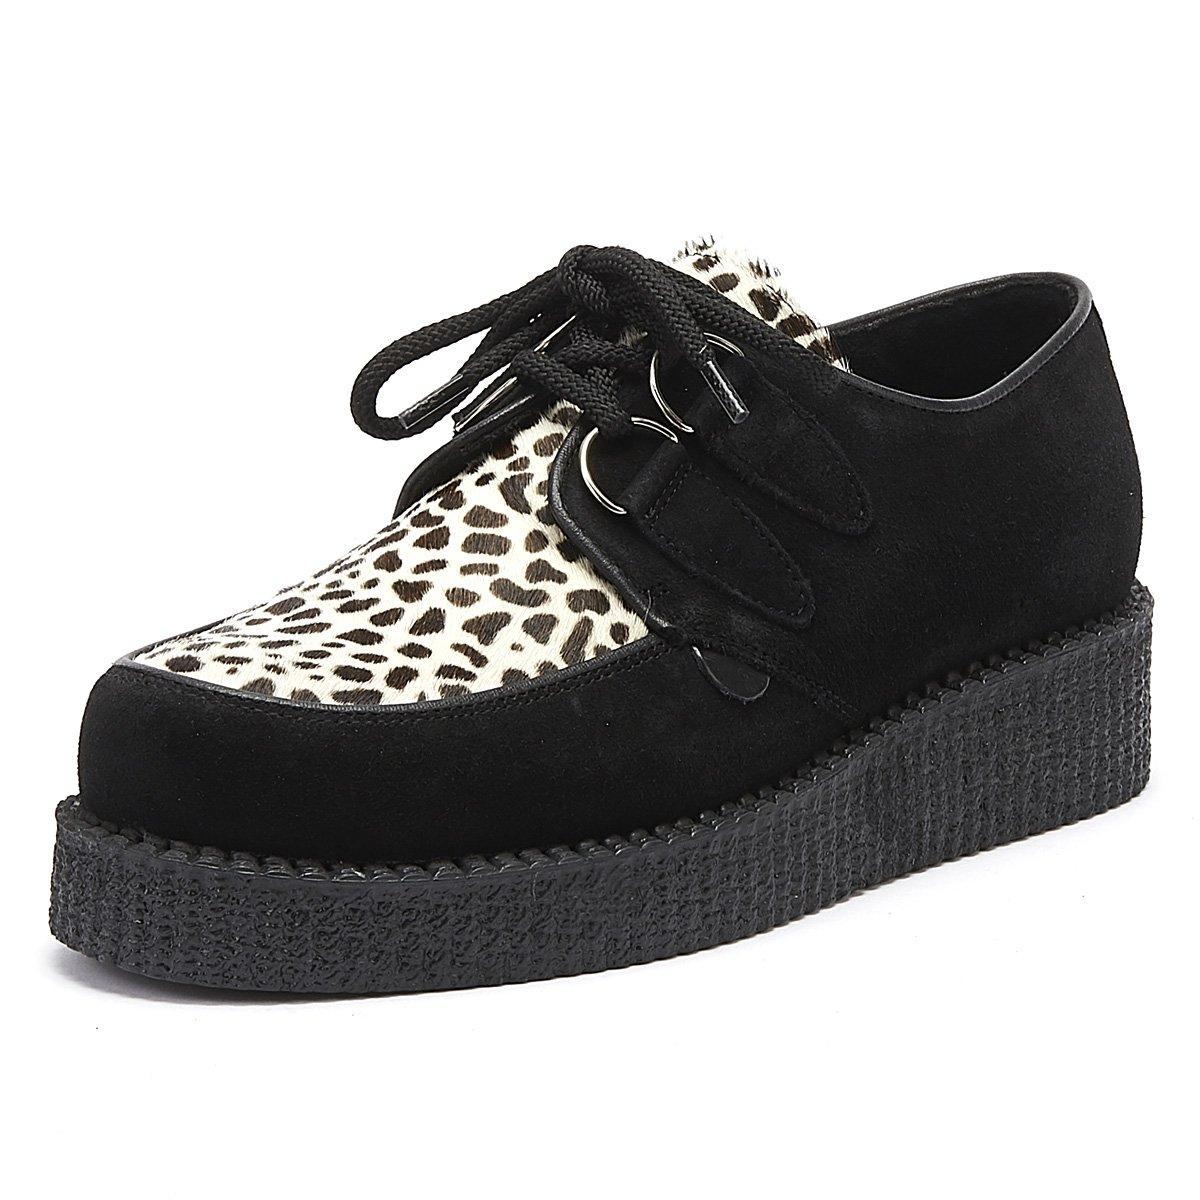 Details about Underground Wulfrun Creeper Womens Black Leopard Suede Ladies Platform Shoes